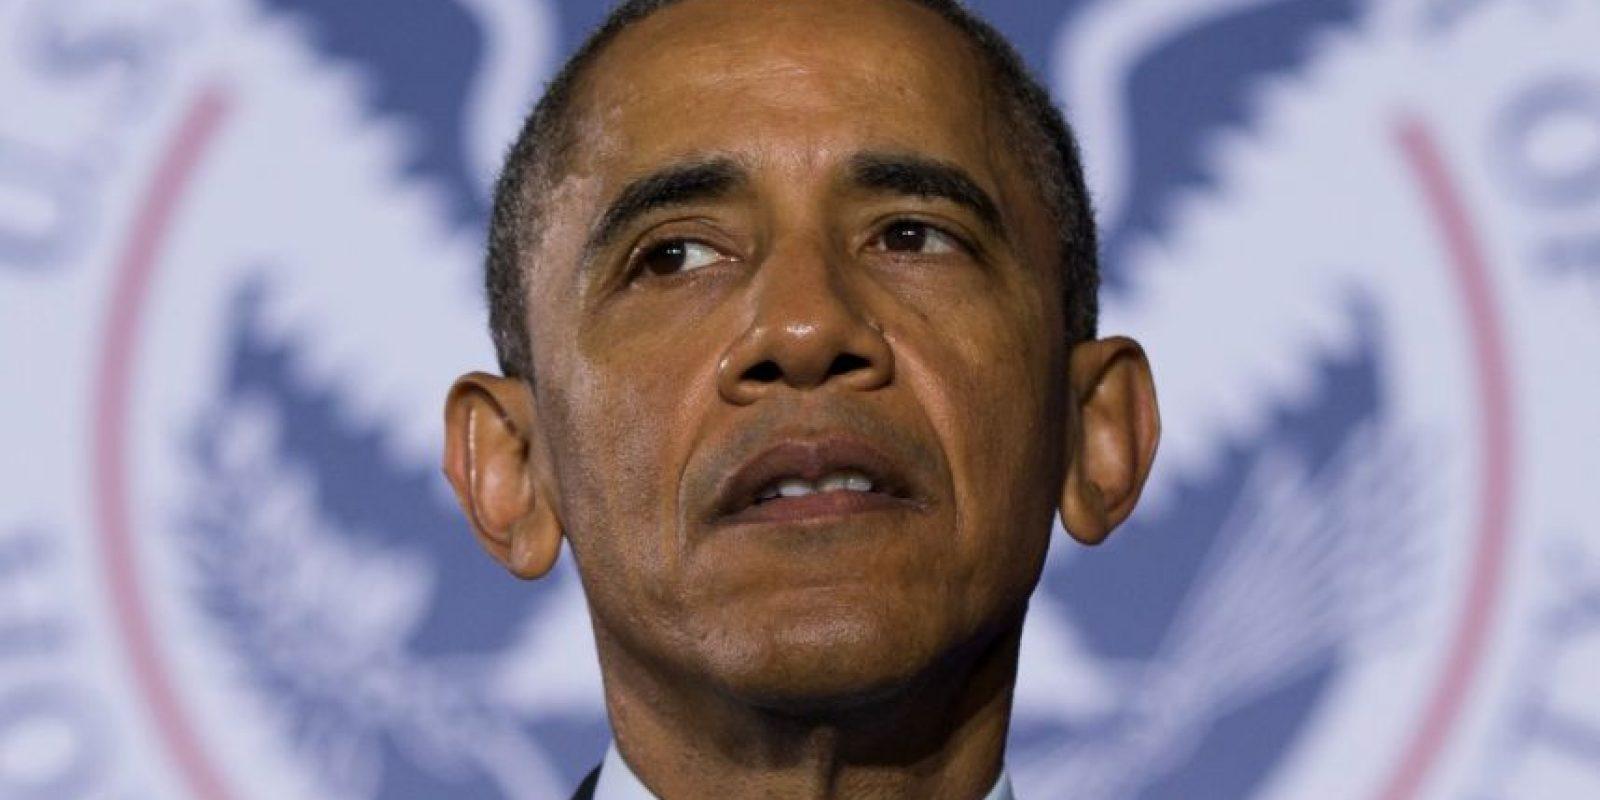 El Presidente está orgulloso de haber sacado de la crisis económica a Estados Unidos. Foto:AP